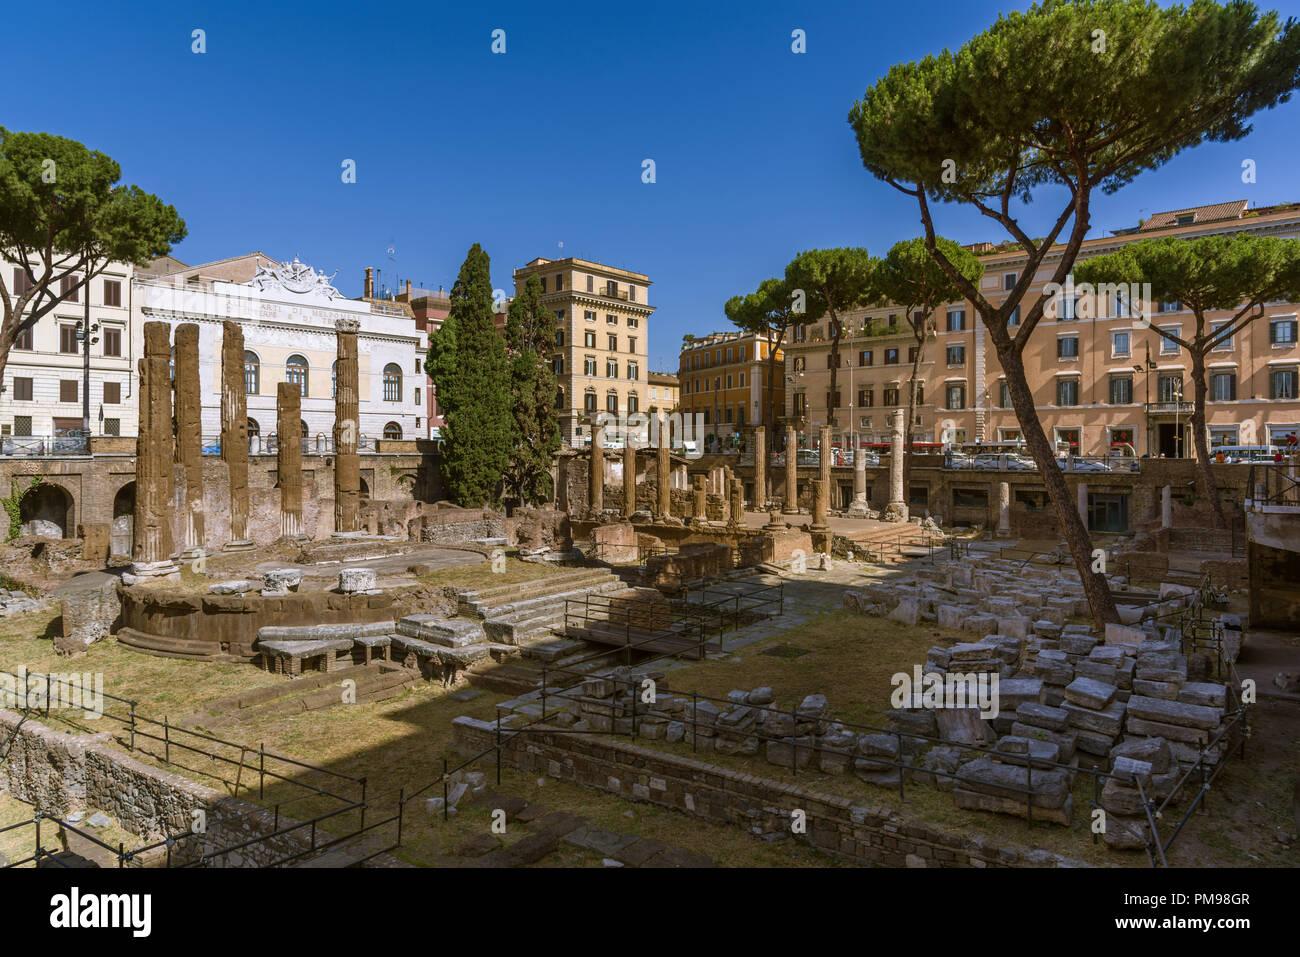 Largo di Torre Argentina, Rome, Italie Banque D'Images